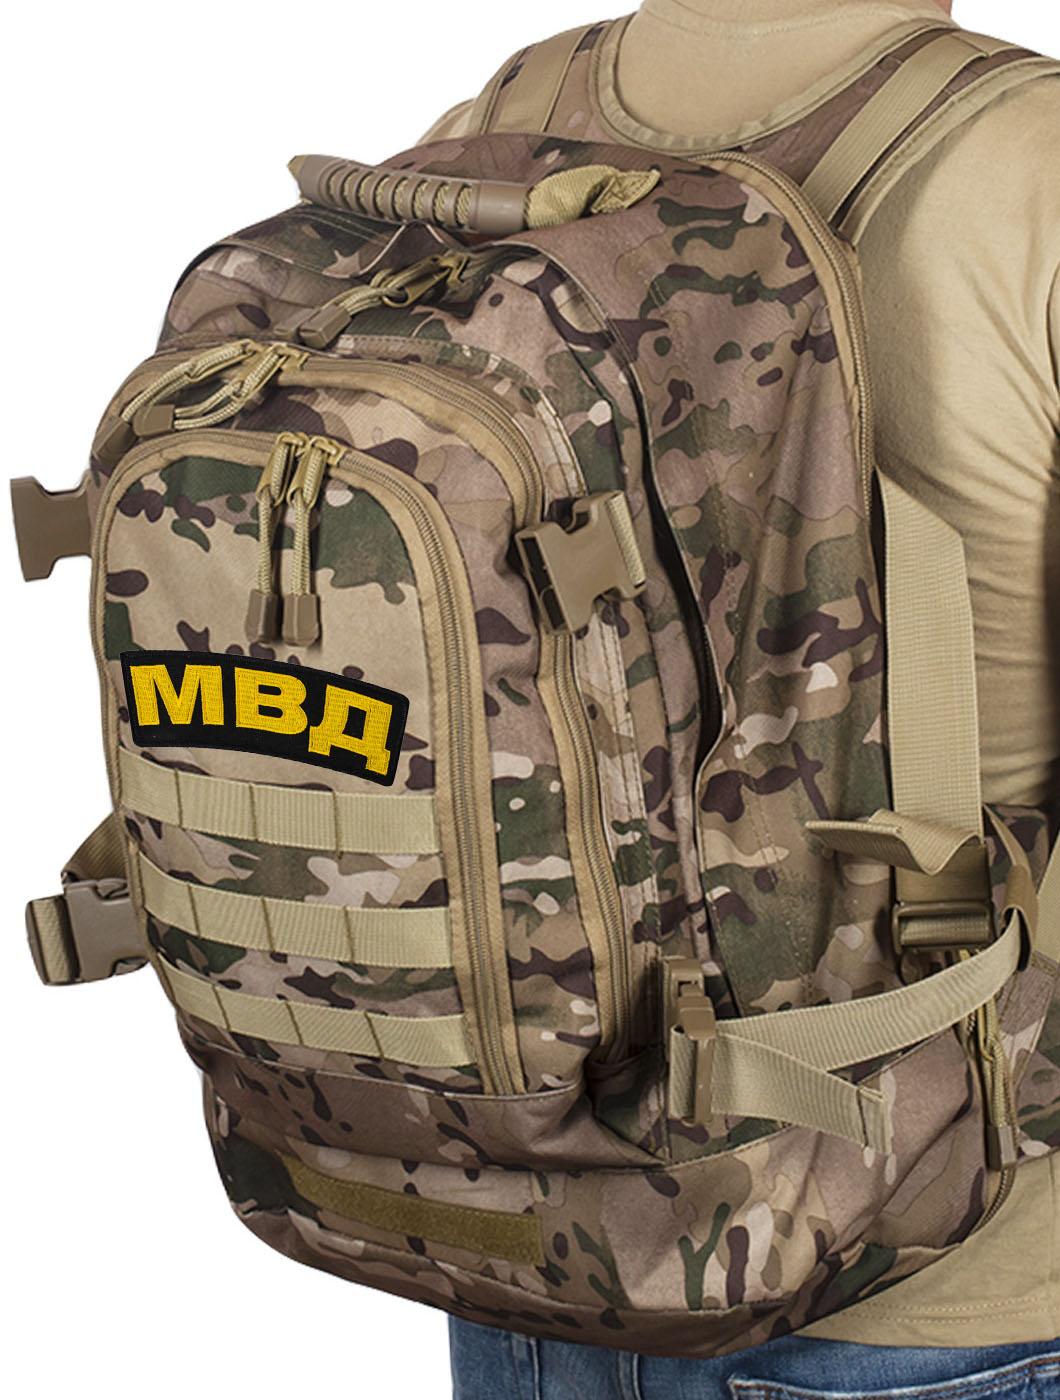 Тактический трехдневный рюкзак МВД - купить выгодно